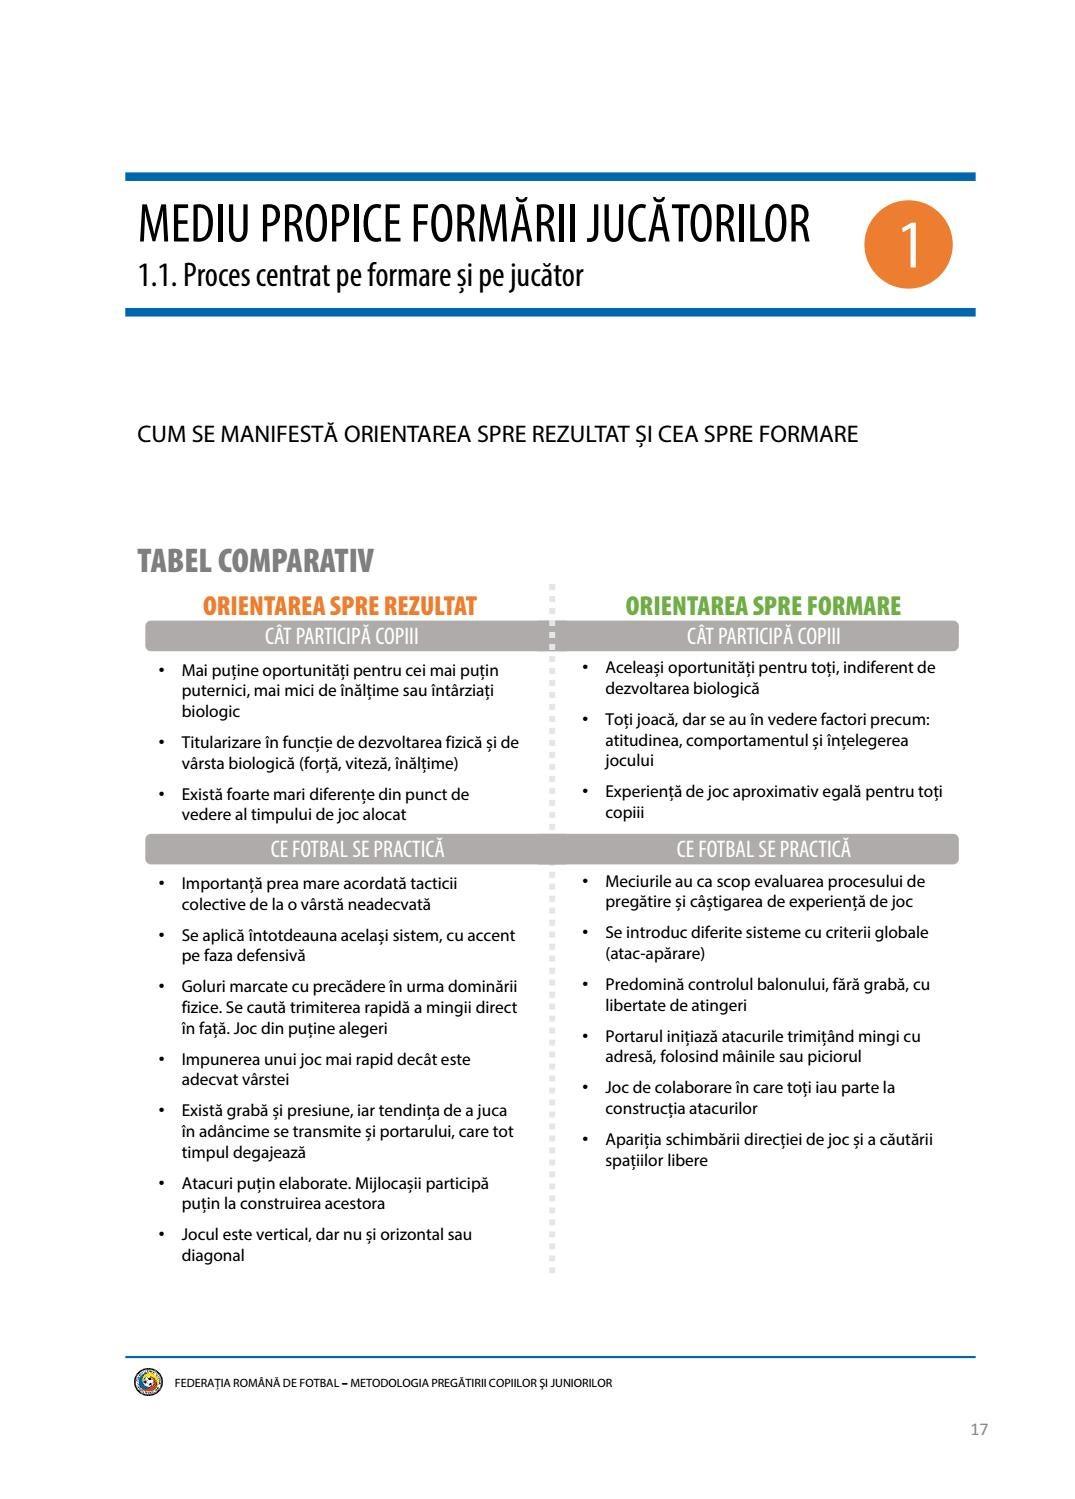 Procentul persoanelor cu deficiente de vedere la nivel global copy